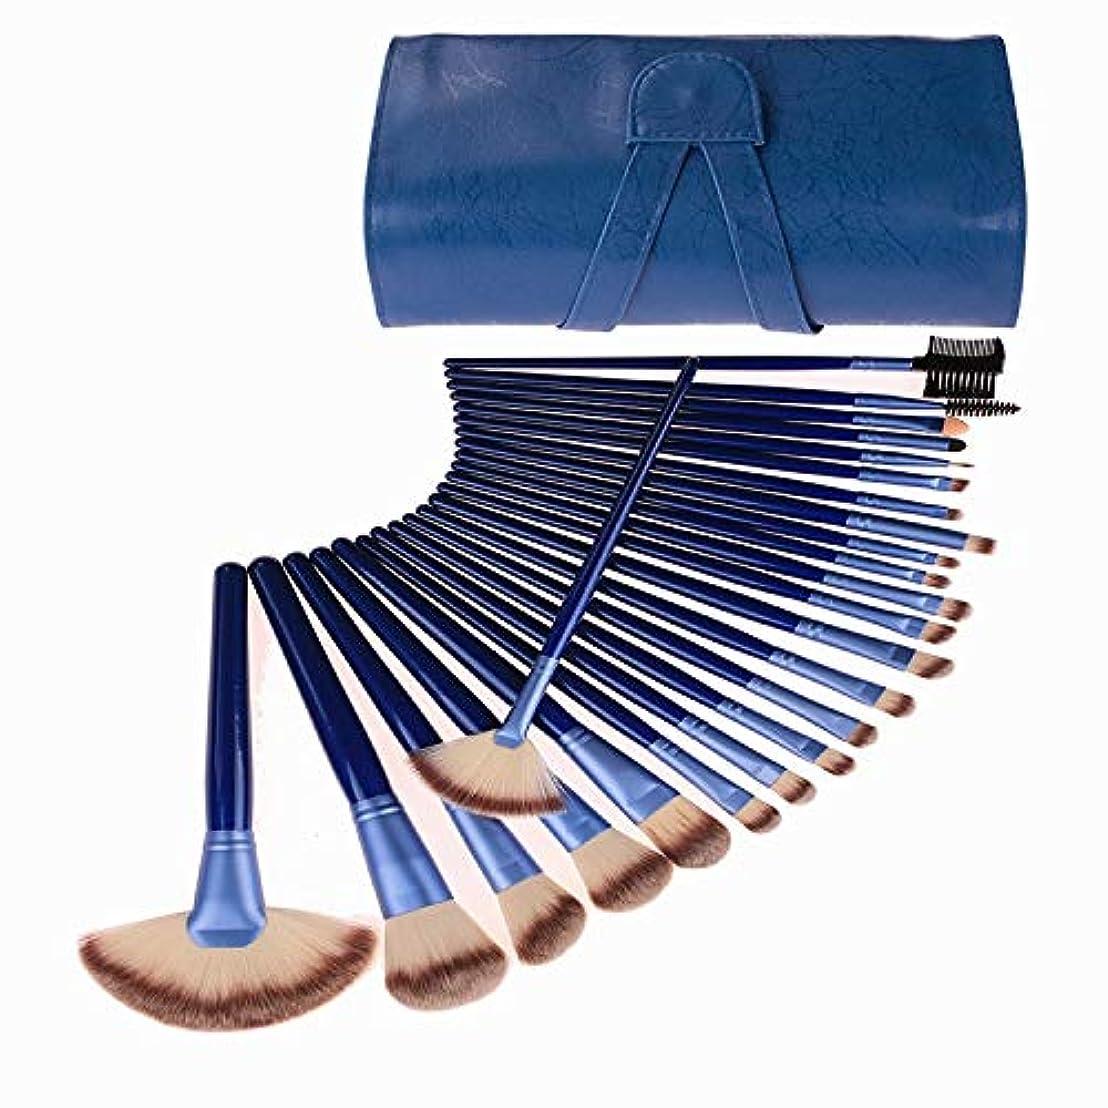 途方もないサイレン免疫する化粧ブラシスタートメーカー24個天然竹化粧ブラシセットビーガンプロ化粧品歌舞伎ブラシ化粧ブラシセット非常に柔らかい化粧ブラシセット美容スポンジ (Color : Blue)